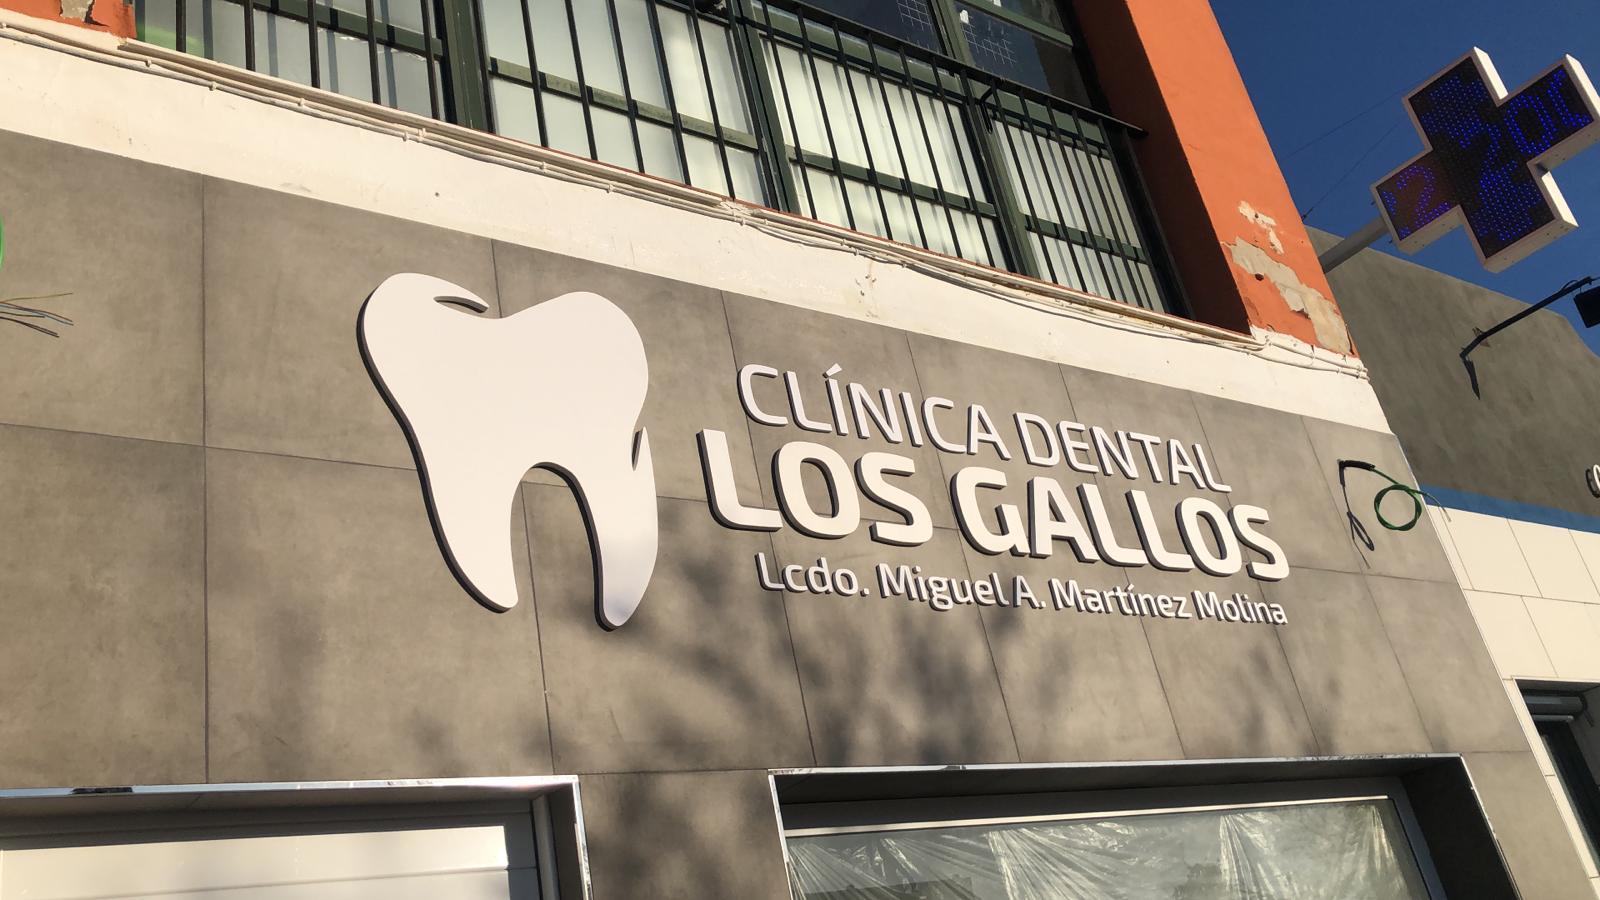 Rotulación de la clínica dental Los gallos